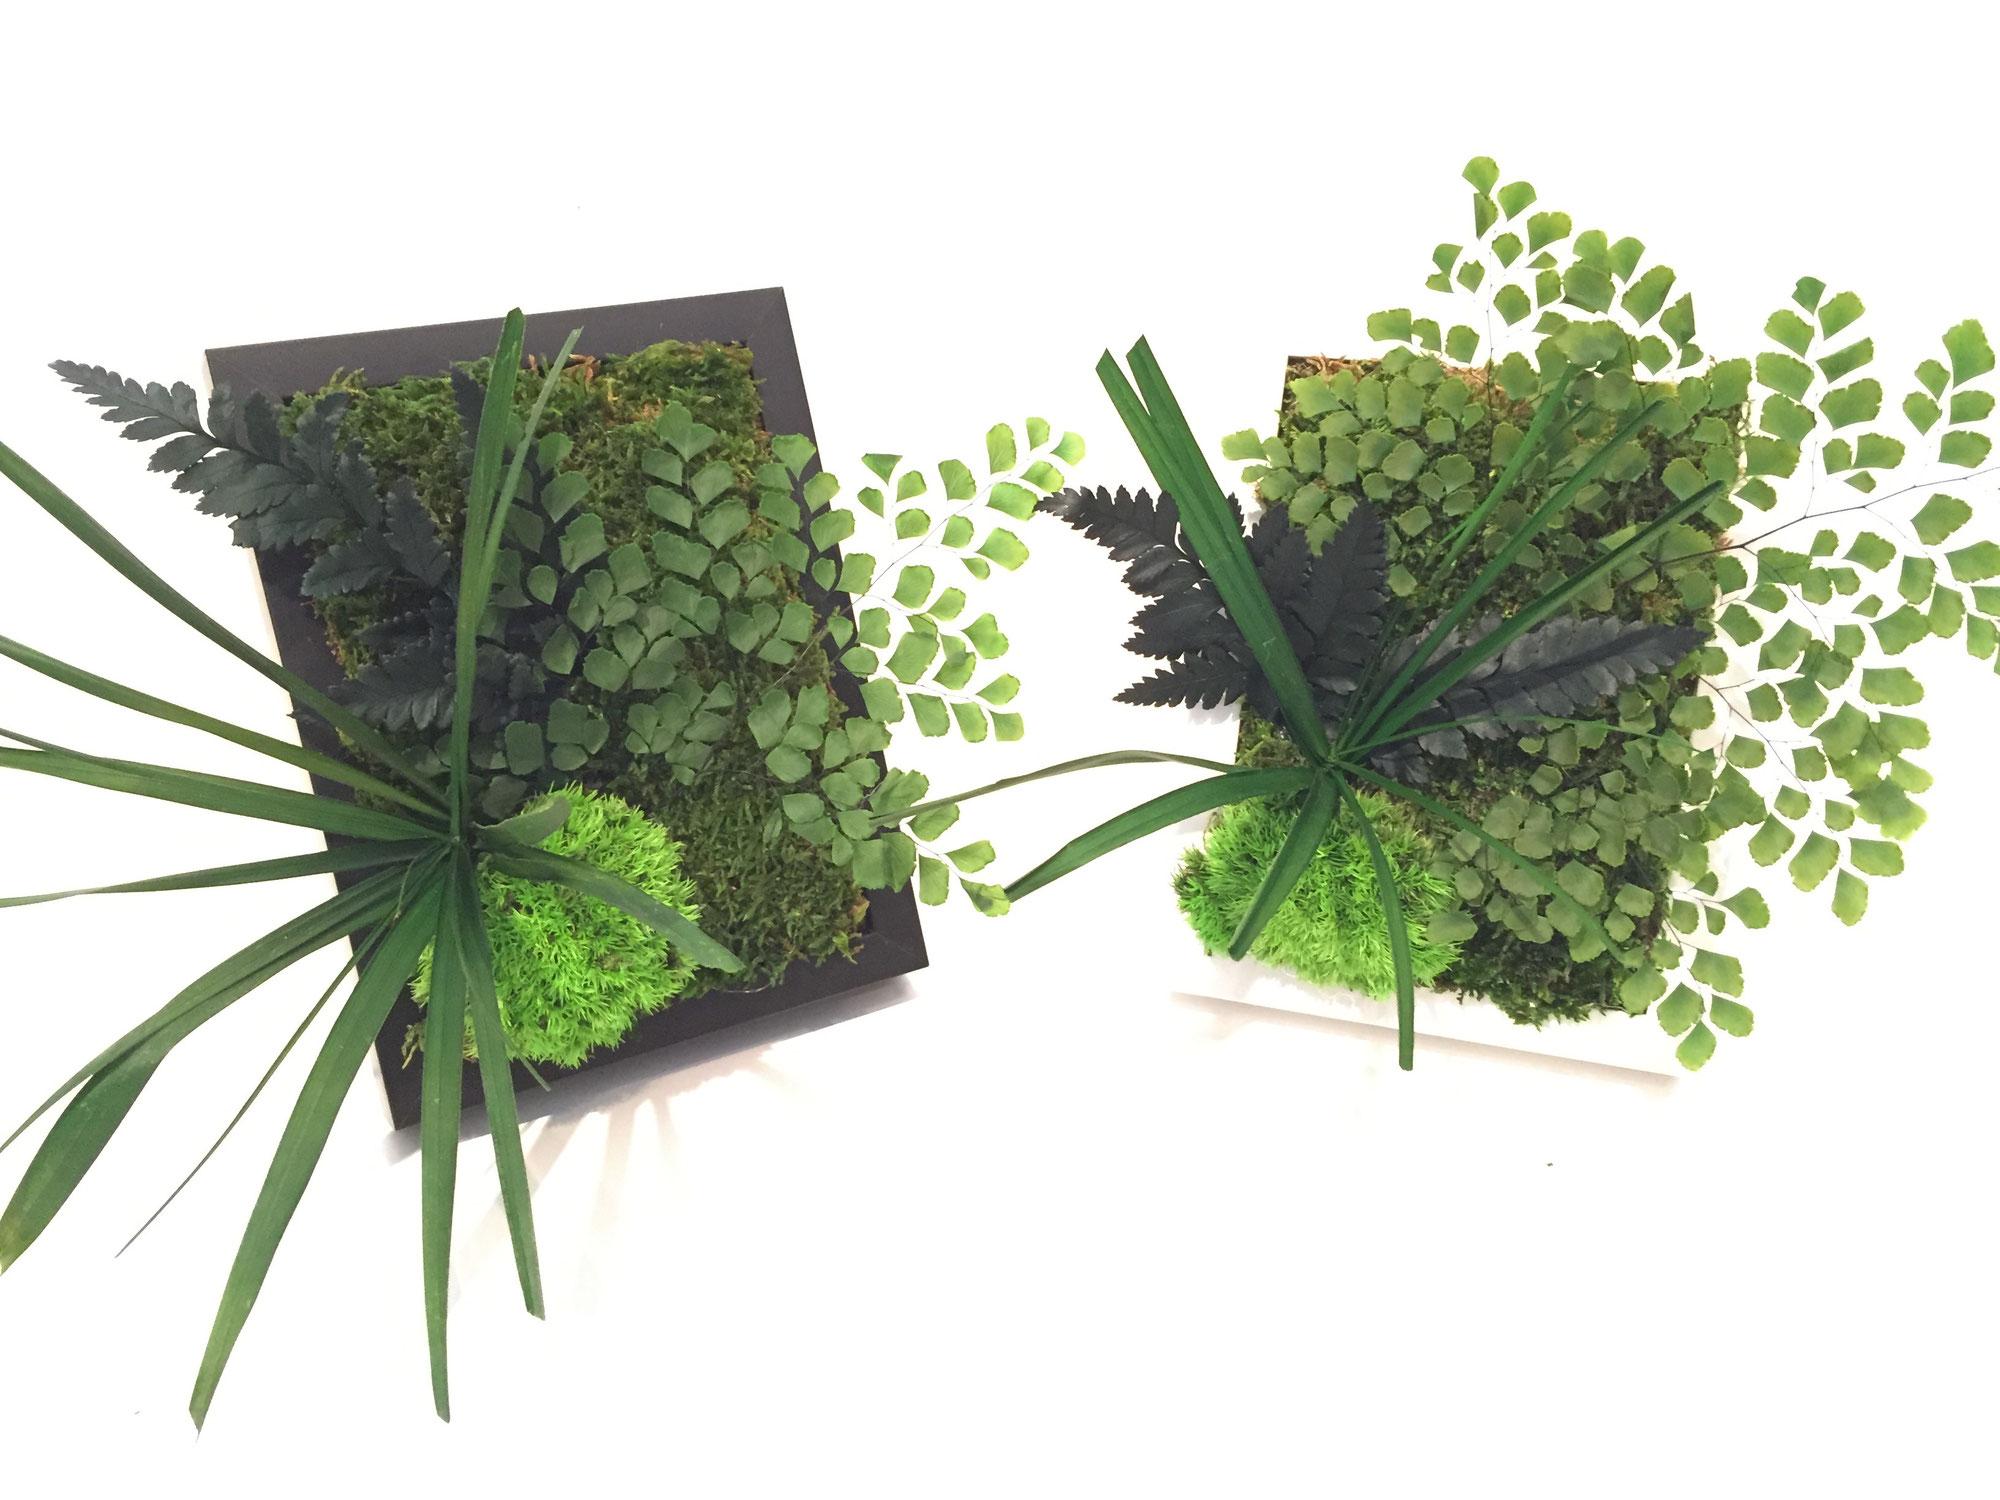 tableaux petit format vegetal indoor mur v g tal stabilis. Black Bedroom Furniture Sets. Home Design Ideas